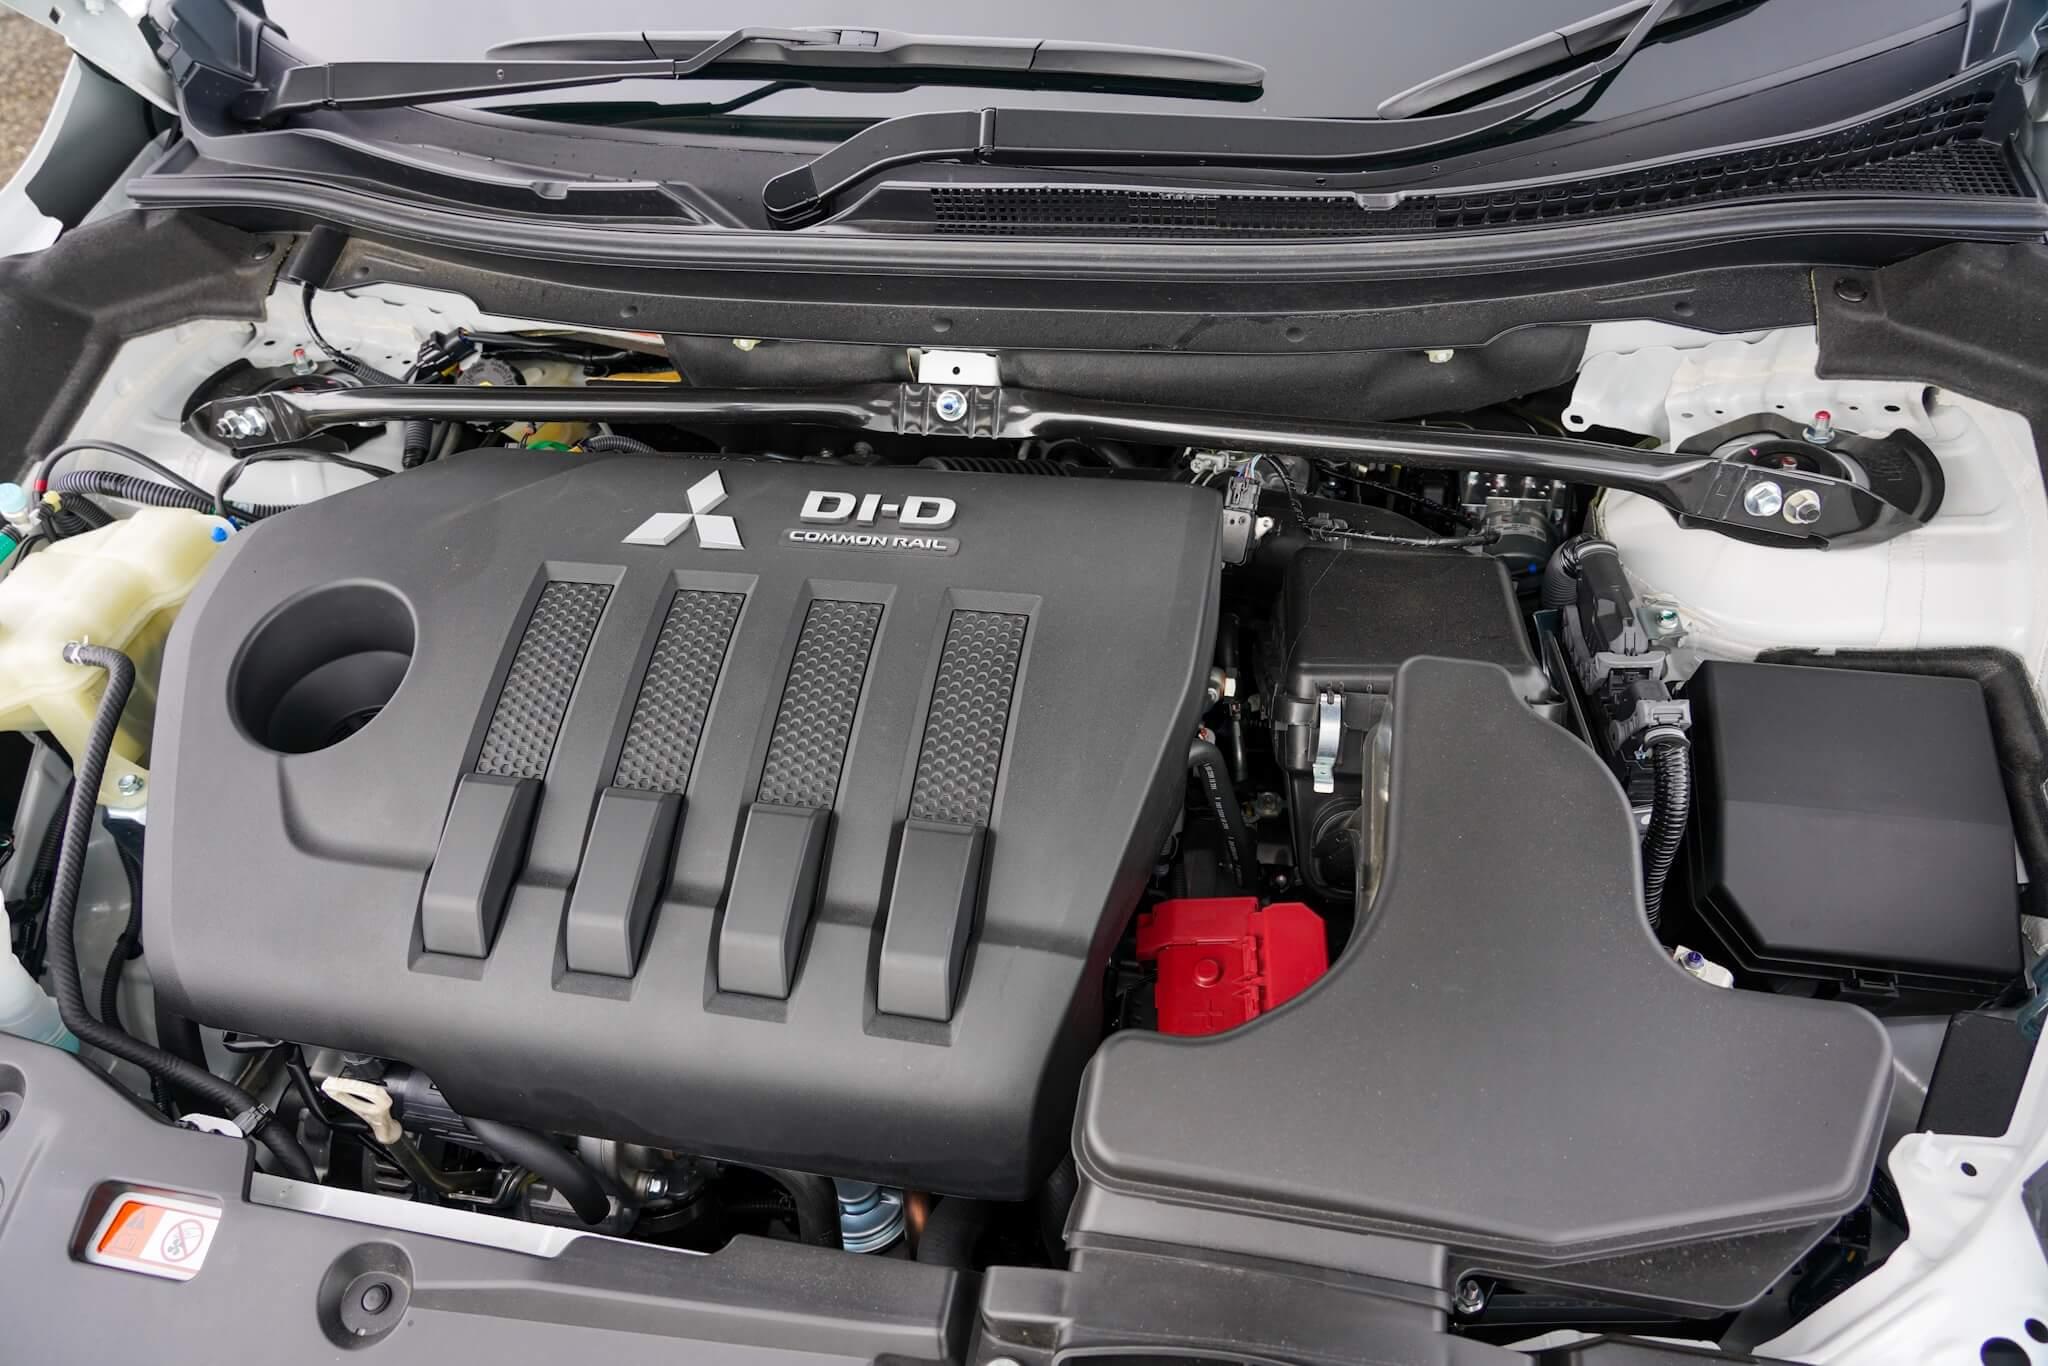 三菱 エクリプスクロス DI-D ディーゼルエンジン